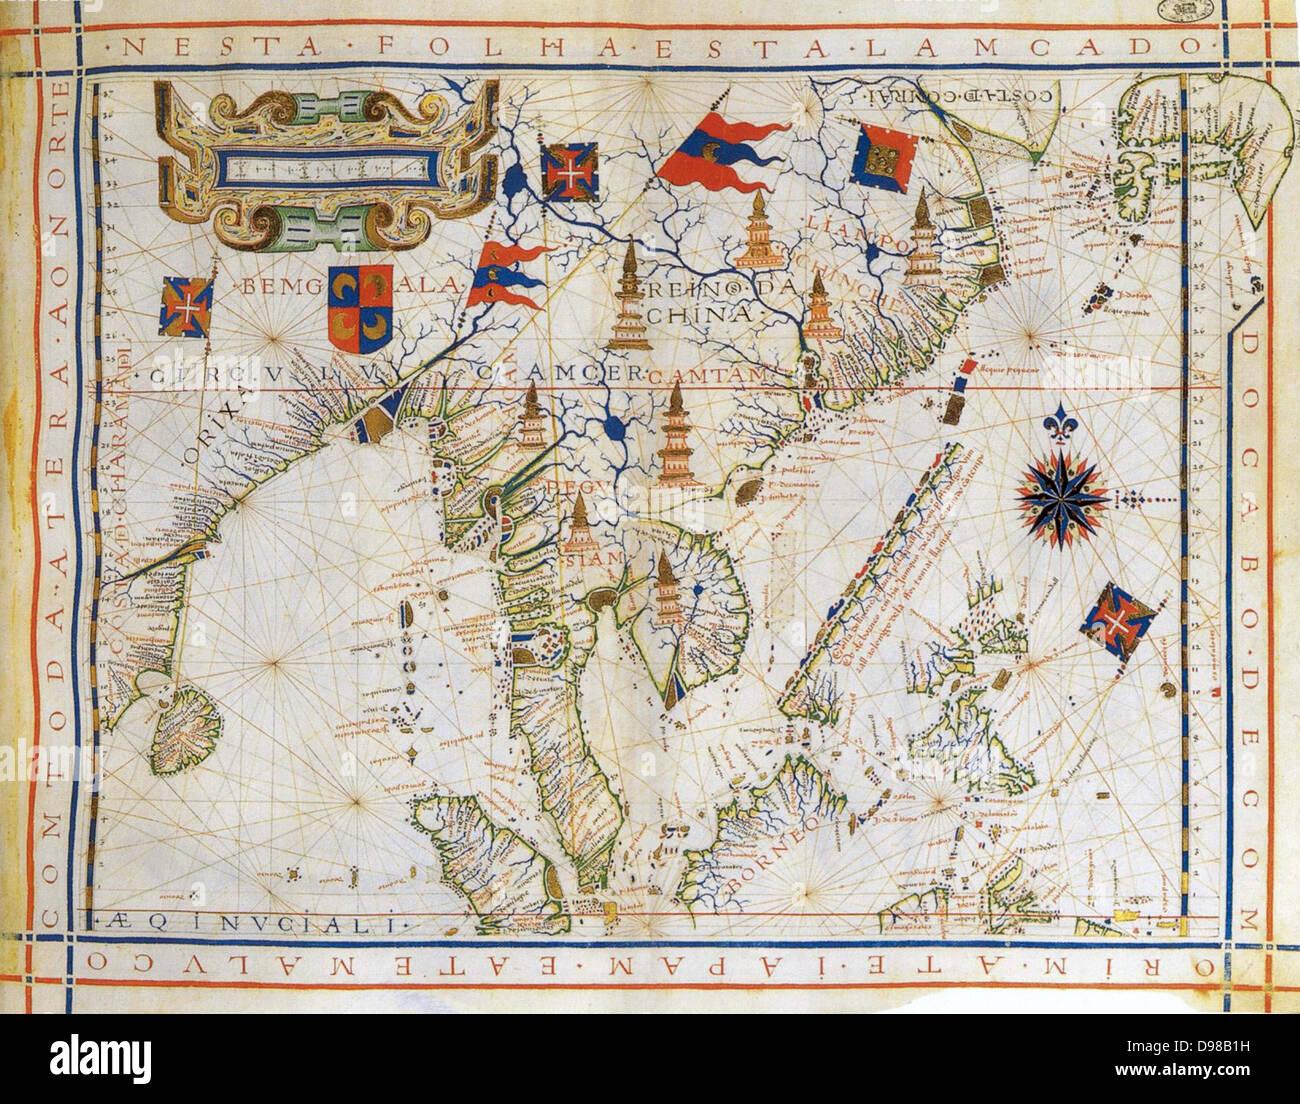 Carte De Linde De Lest.Avion Chart Pre Carte Mercator De 1571 Par Le Cartographe